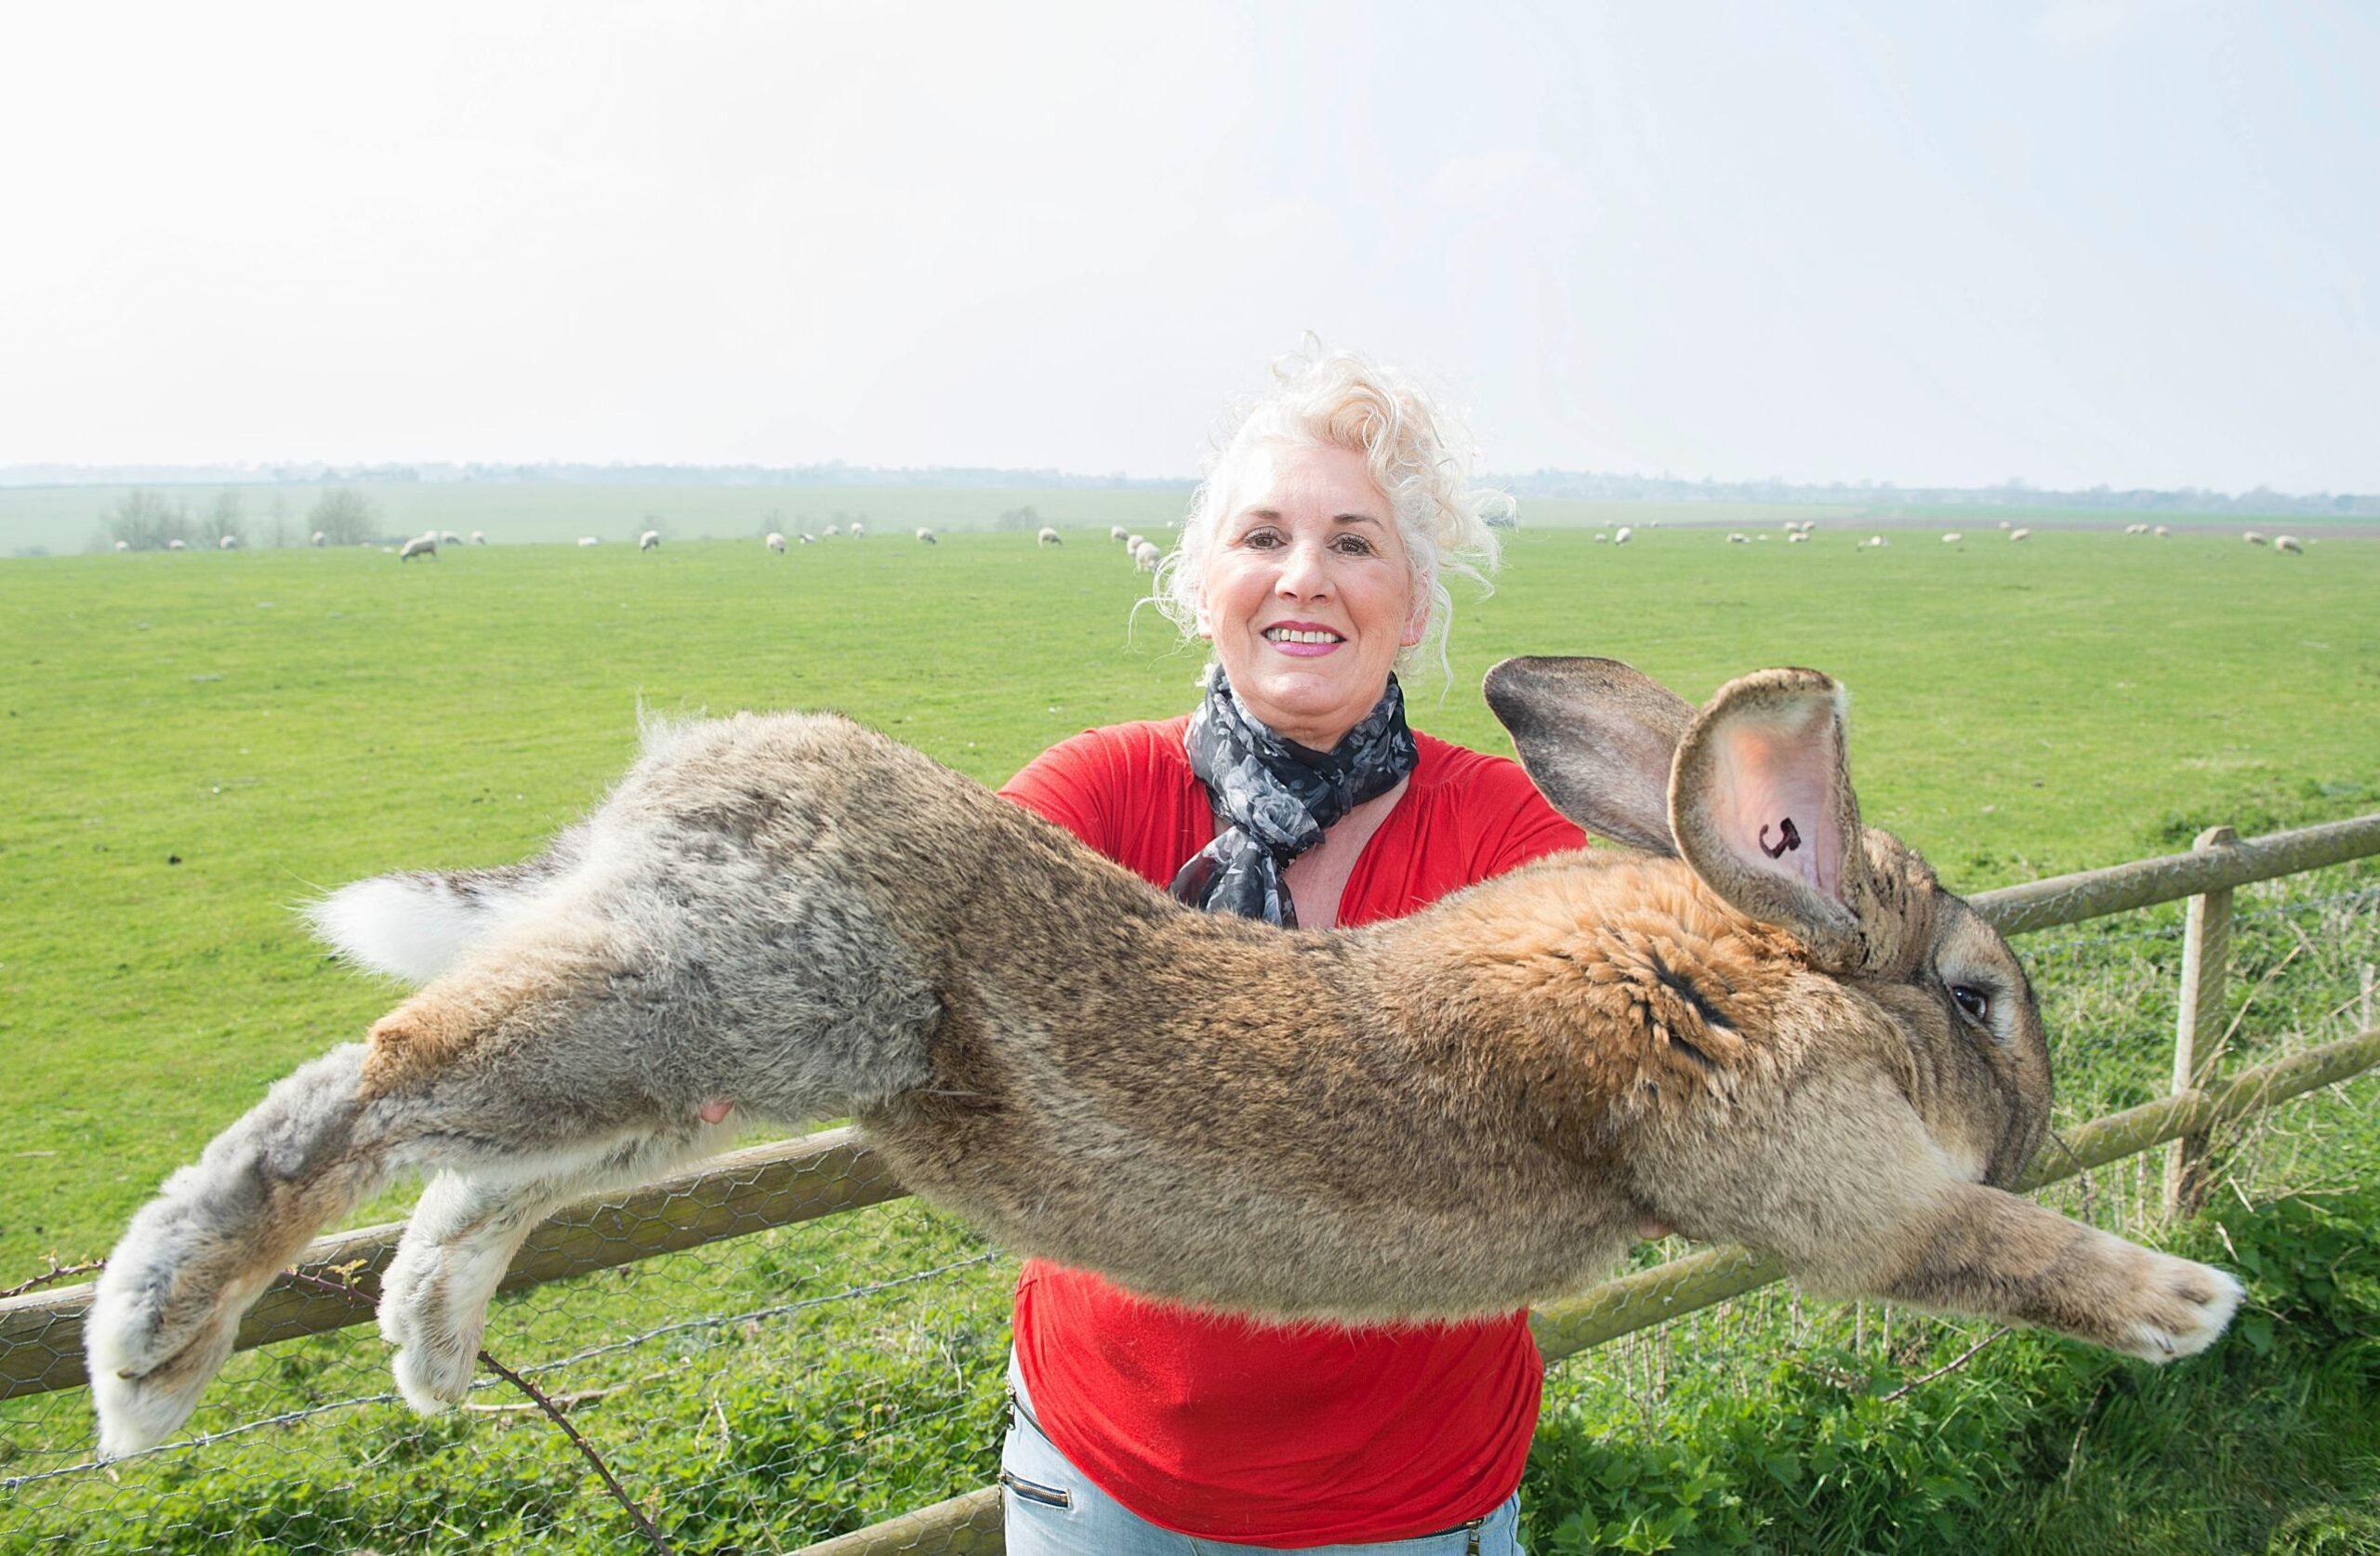 A Giant Rabbit Has Been Stolen in the UK!